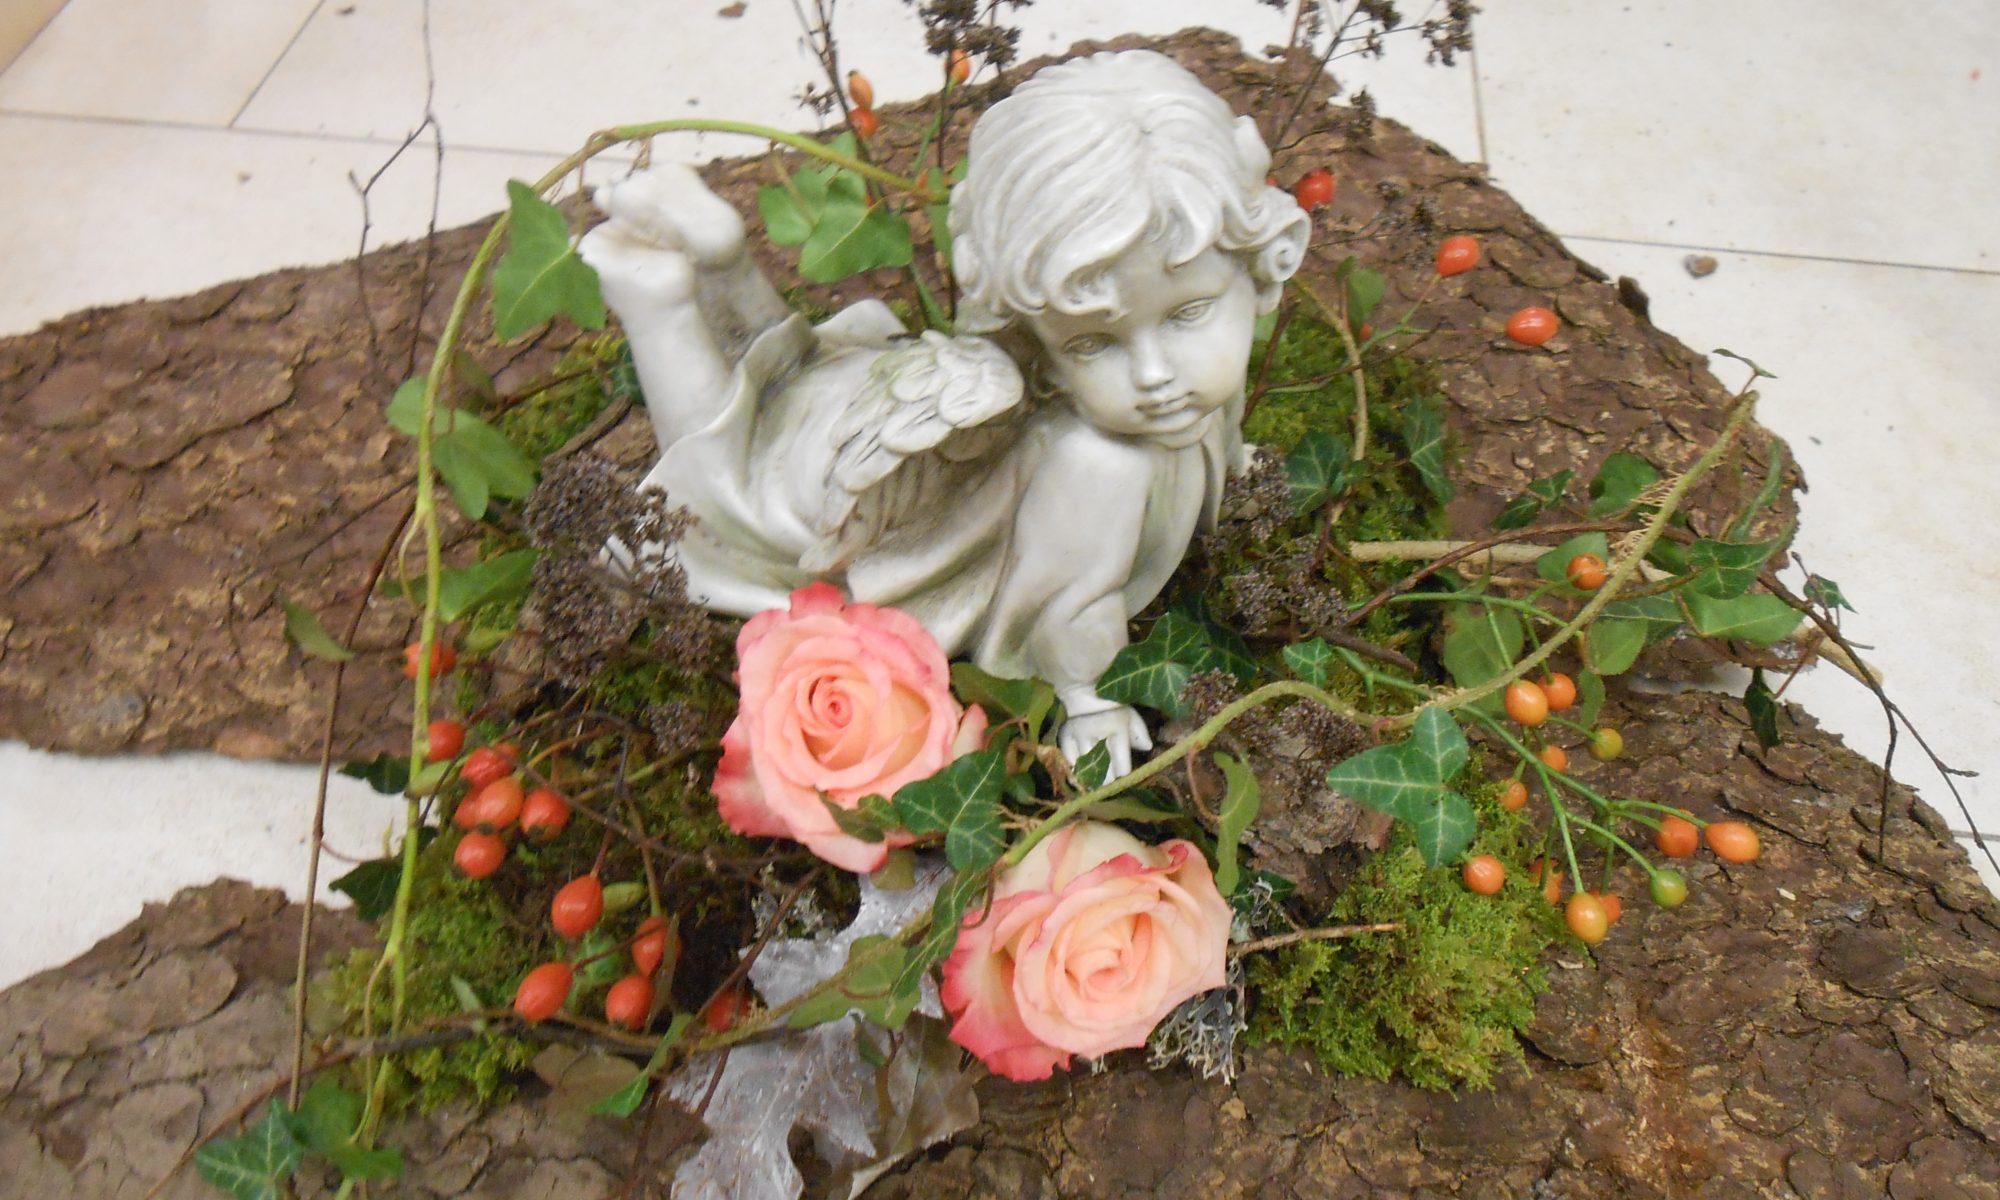 Ein Gesteck auf einer Baumrind bestehend aus zwei rosa Rosen, Hagebutten, Moos, getrockneten Ästen und Efeuranken. In der Mitte vom Gesteck befindet sich ein am Bauch liegender Engel .